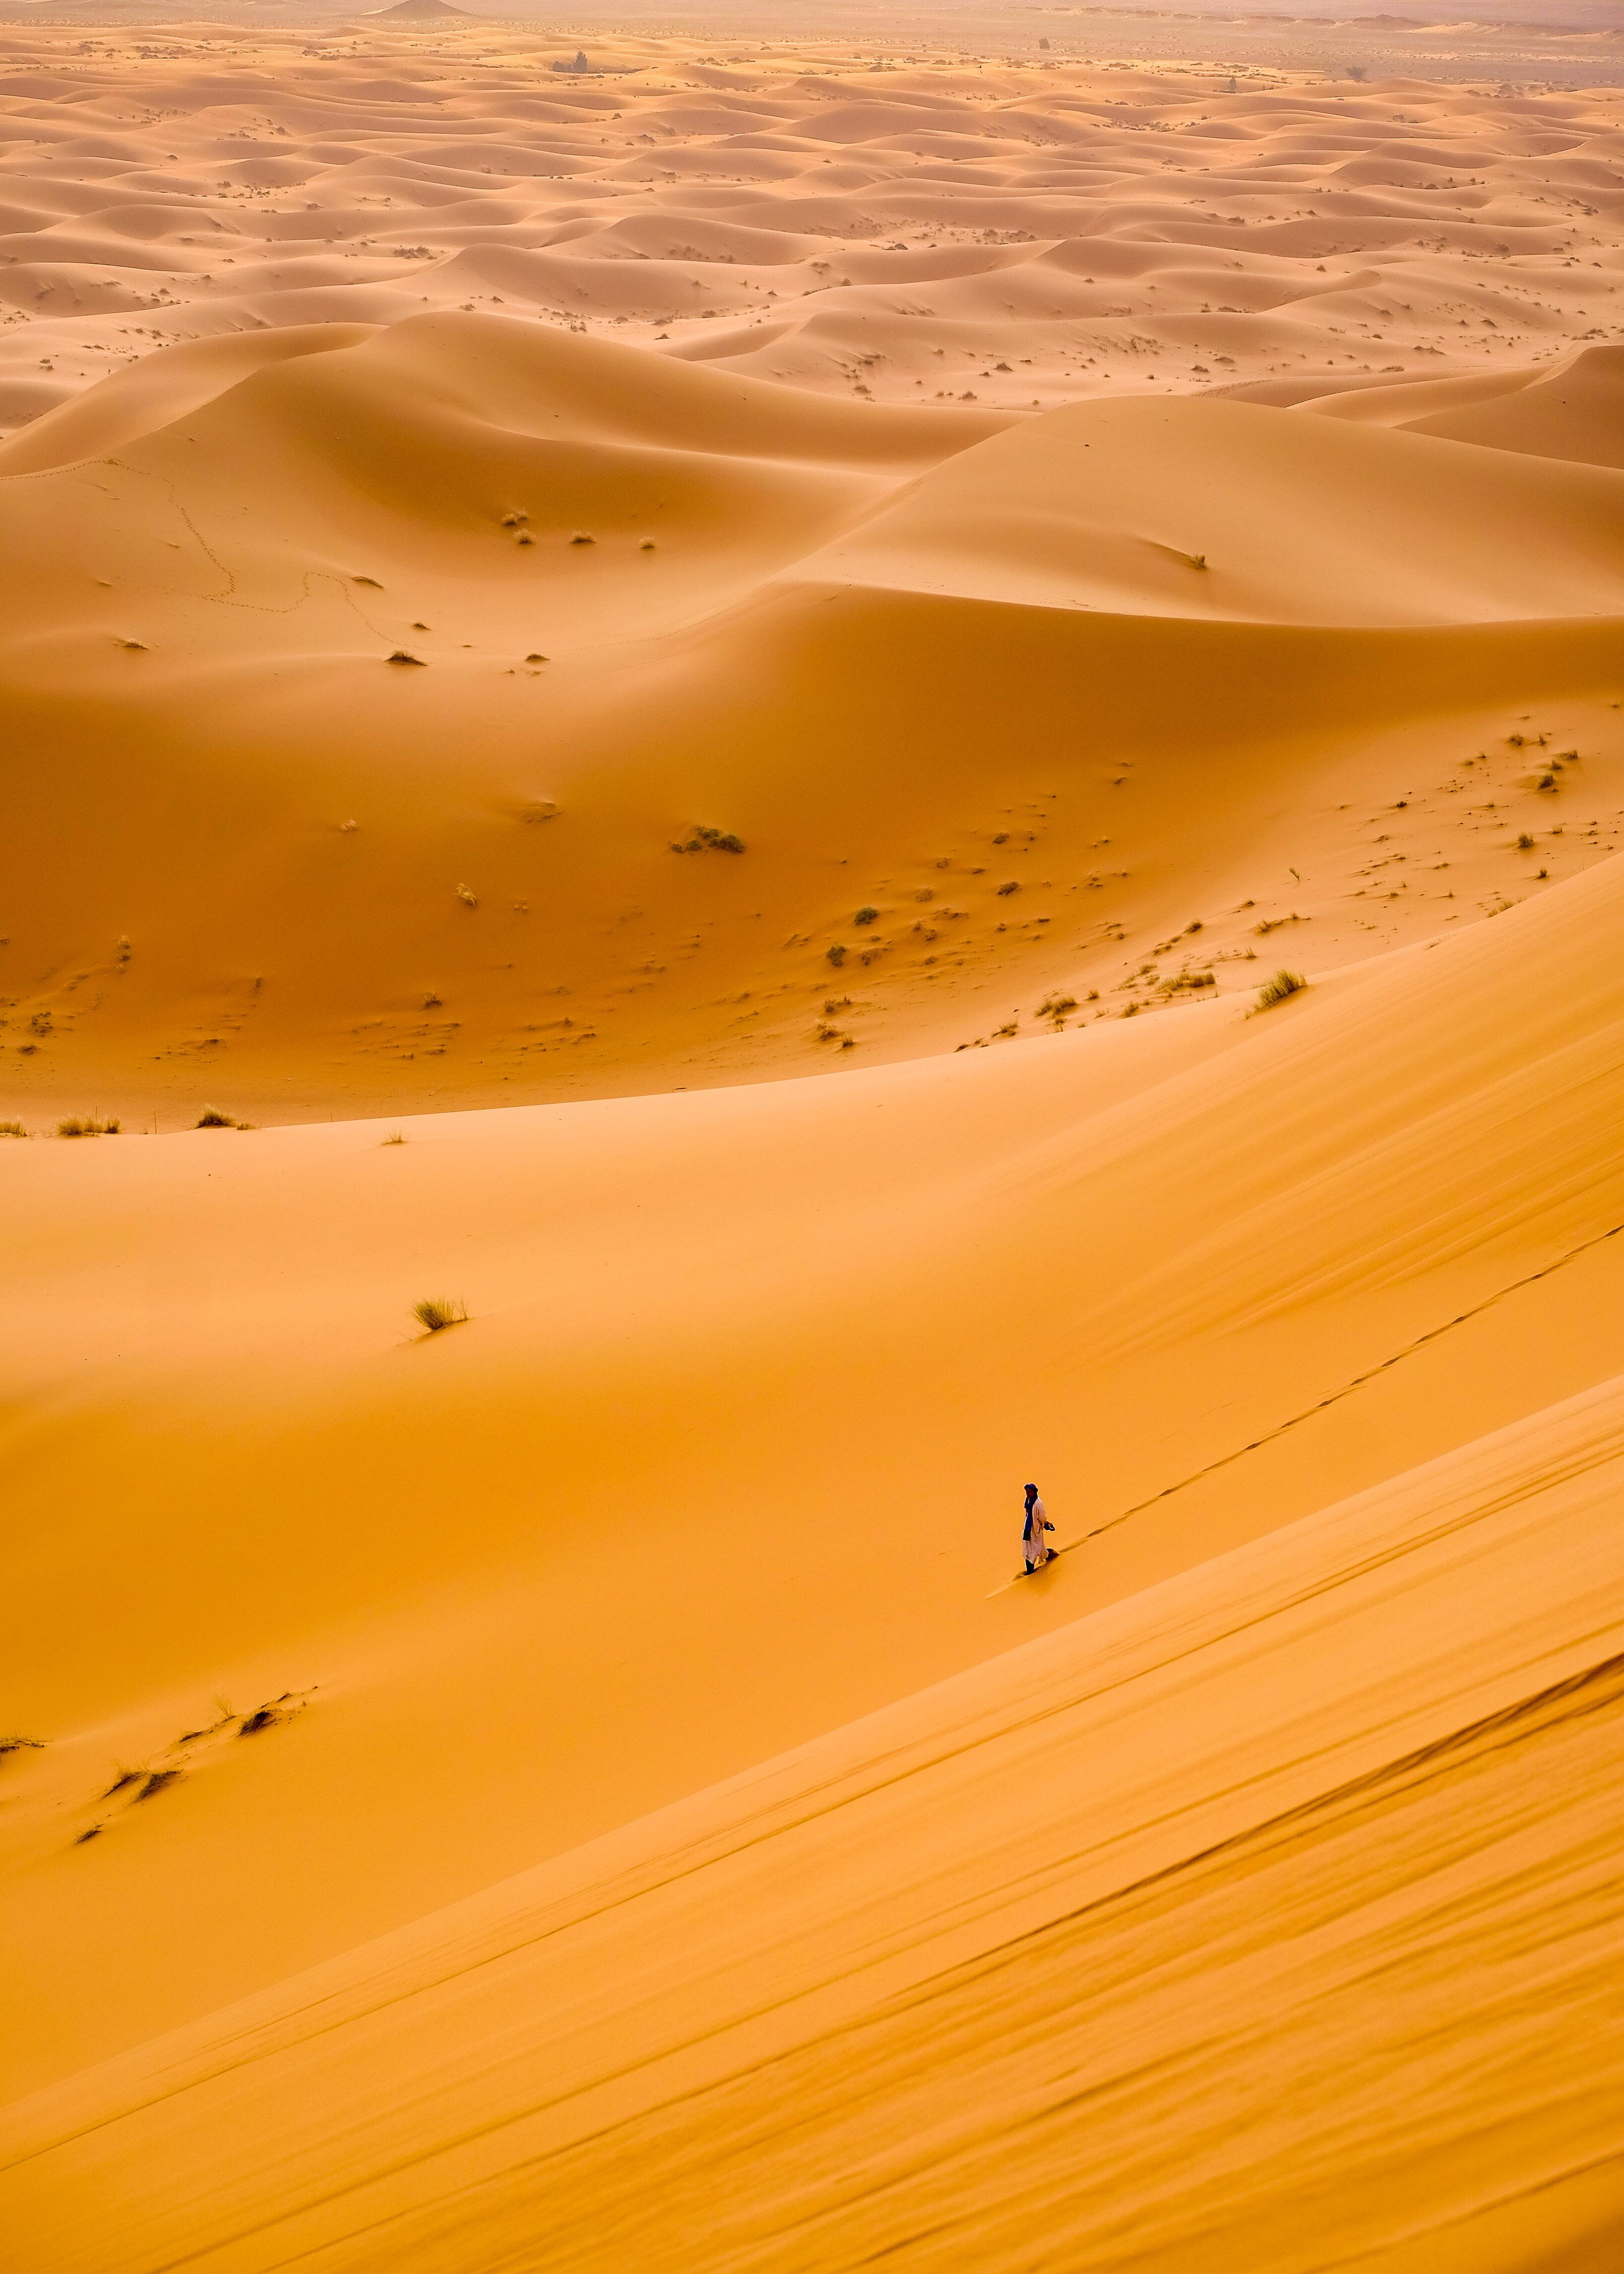 Maroc Desert (15 of 15)